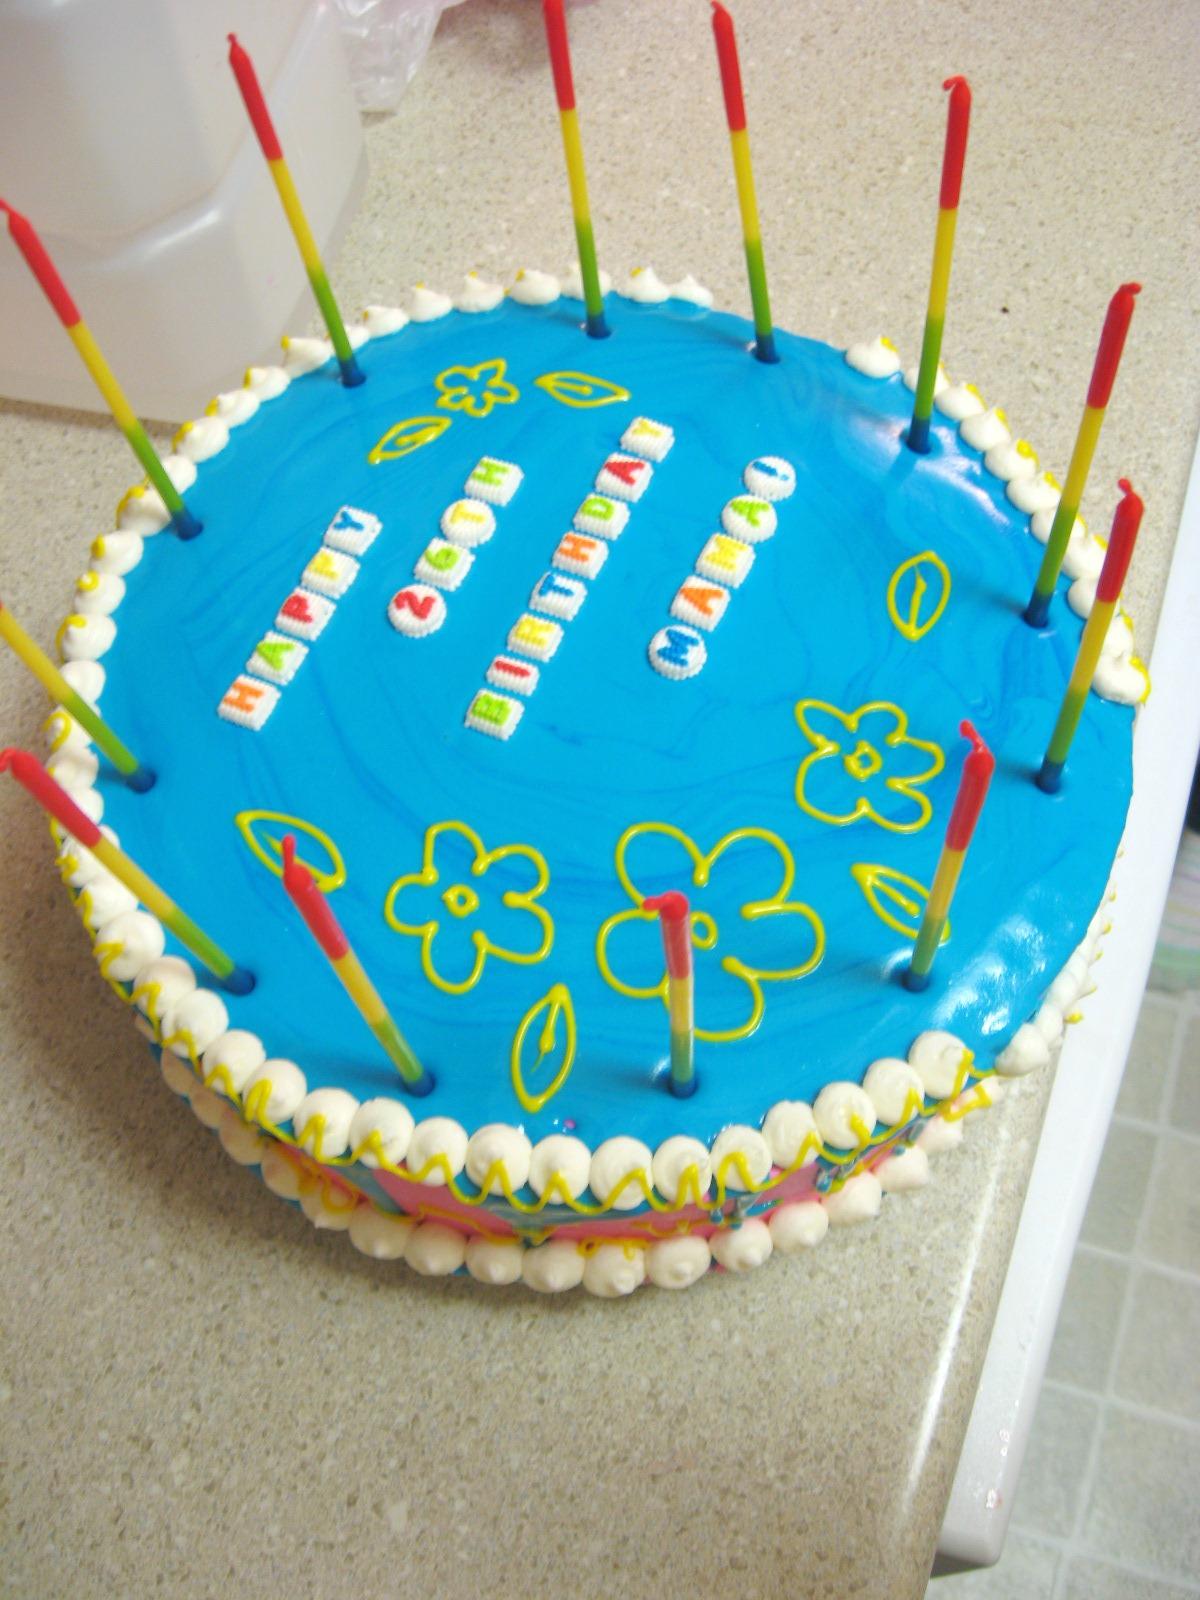 Cakeopolis 92 My 26th Birthday Cake